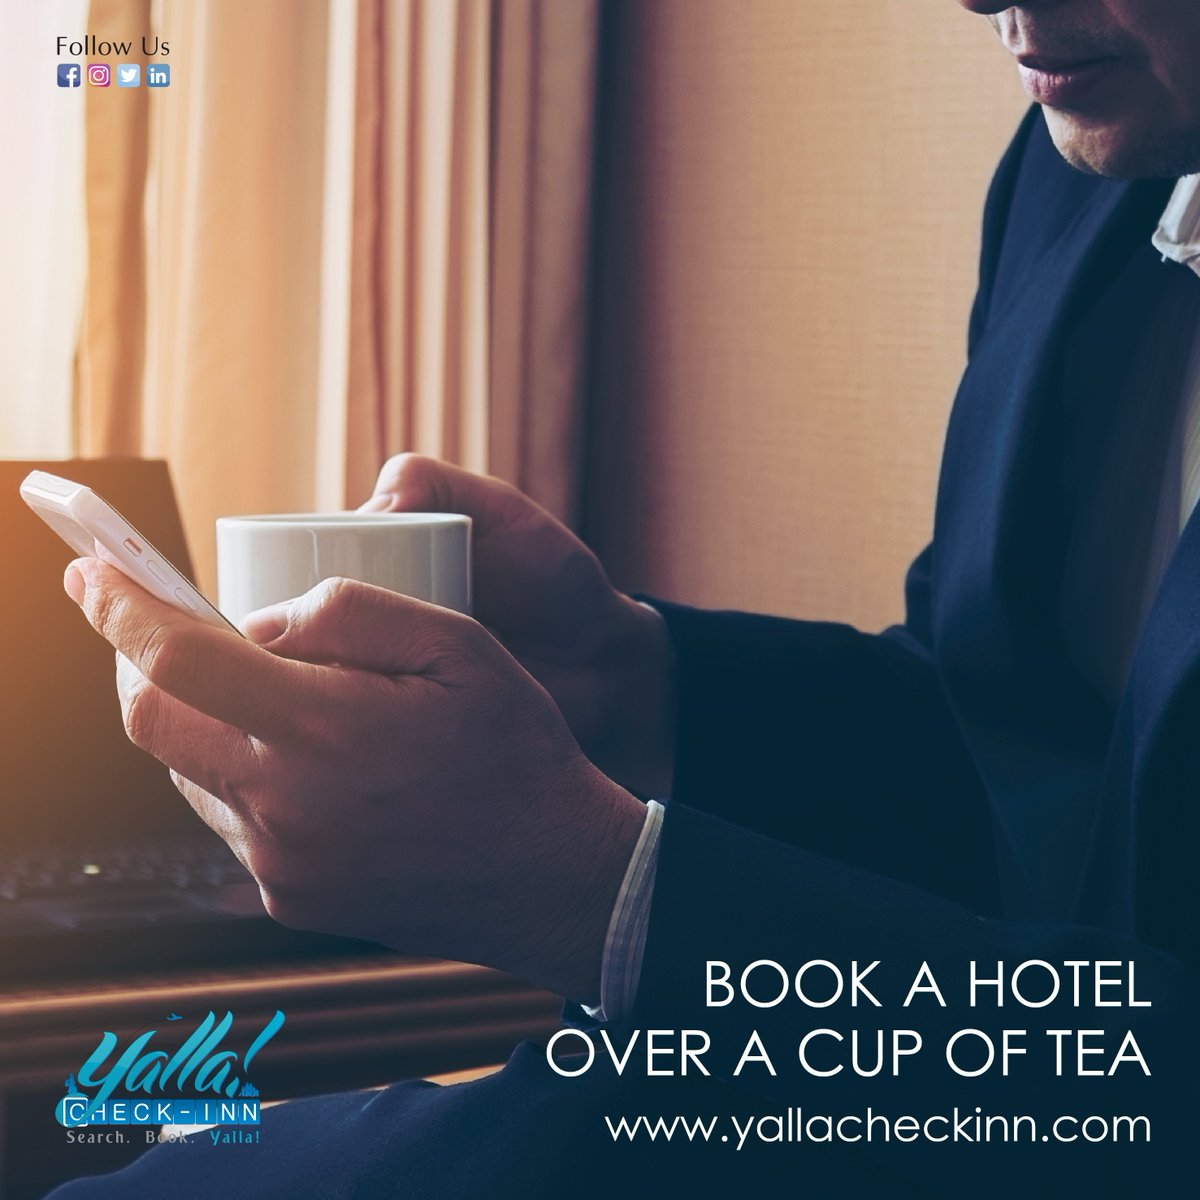 Just #Few #Minutes to #Book #HOTELS through https://t.co/baScaL4E94 https://t.co/4aSzafPdKD